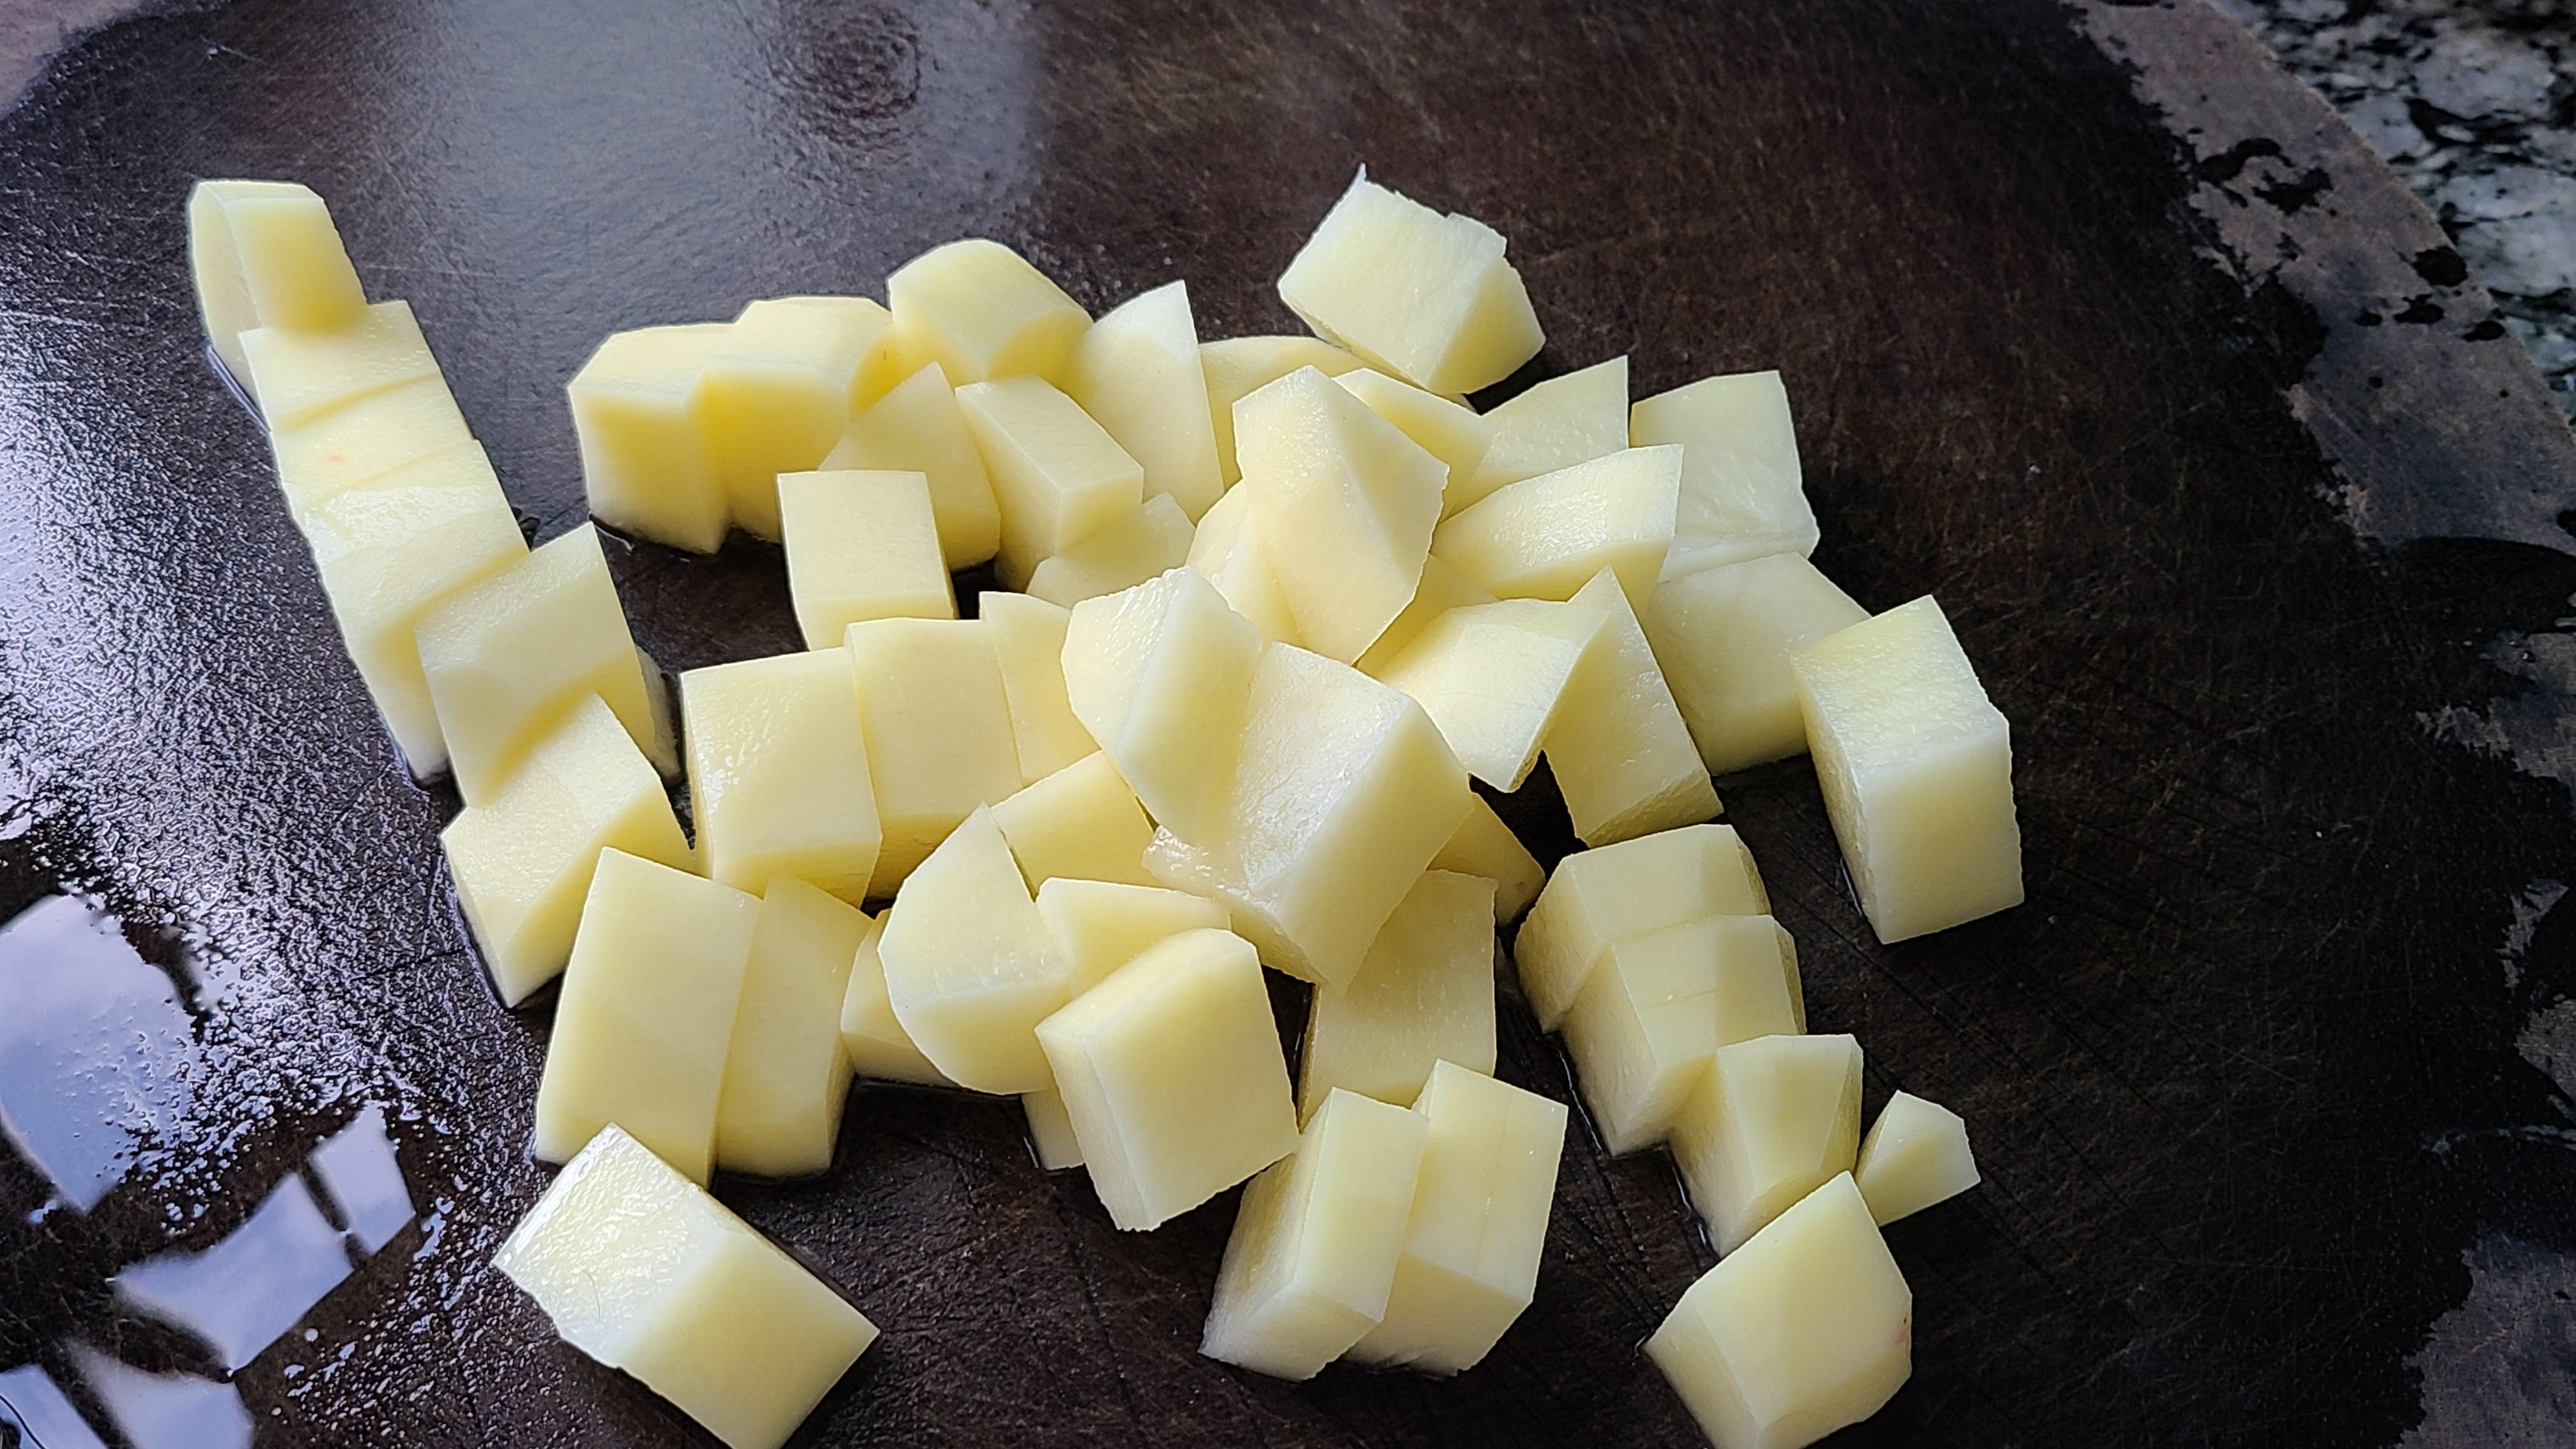 天冷就愛吃這道肥牛土豆煲,簡單美味的家常菜,太香了